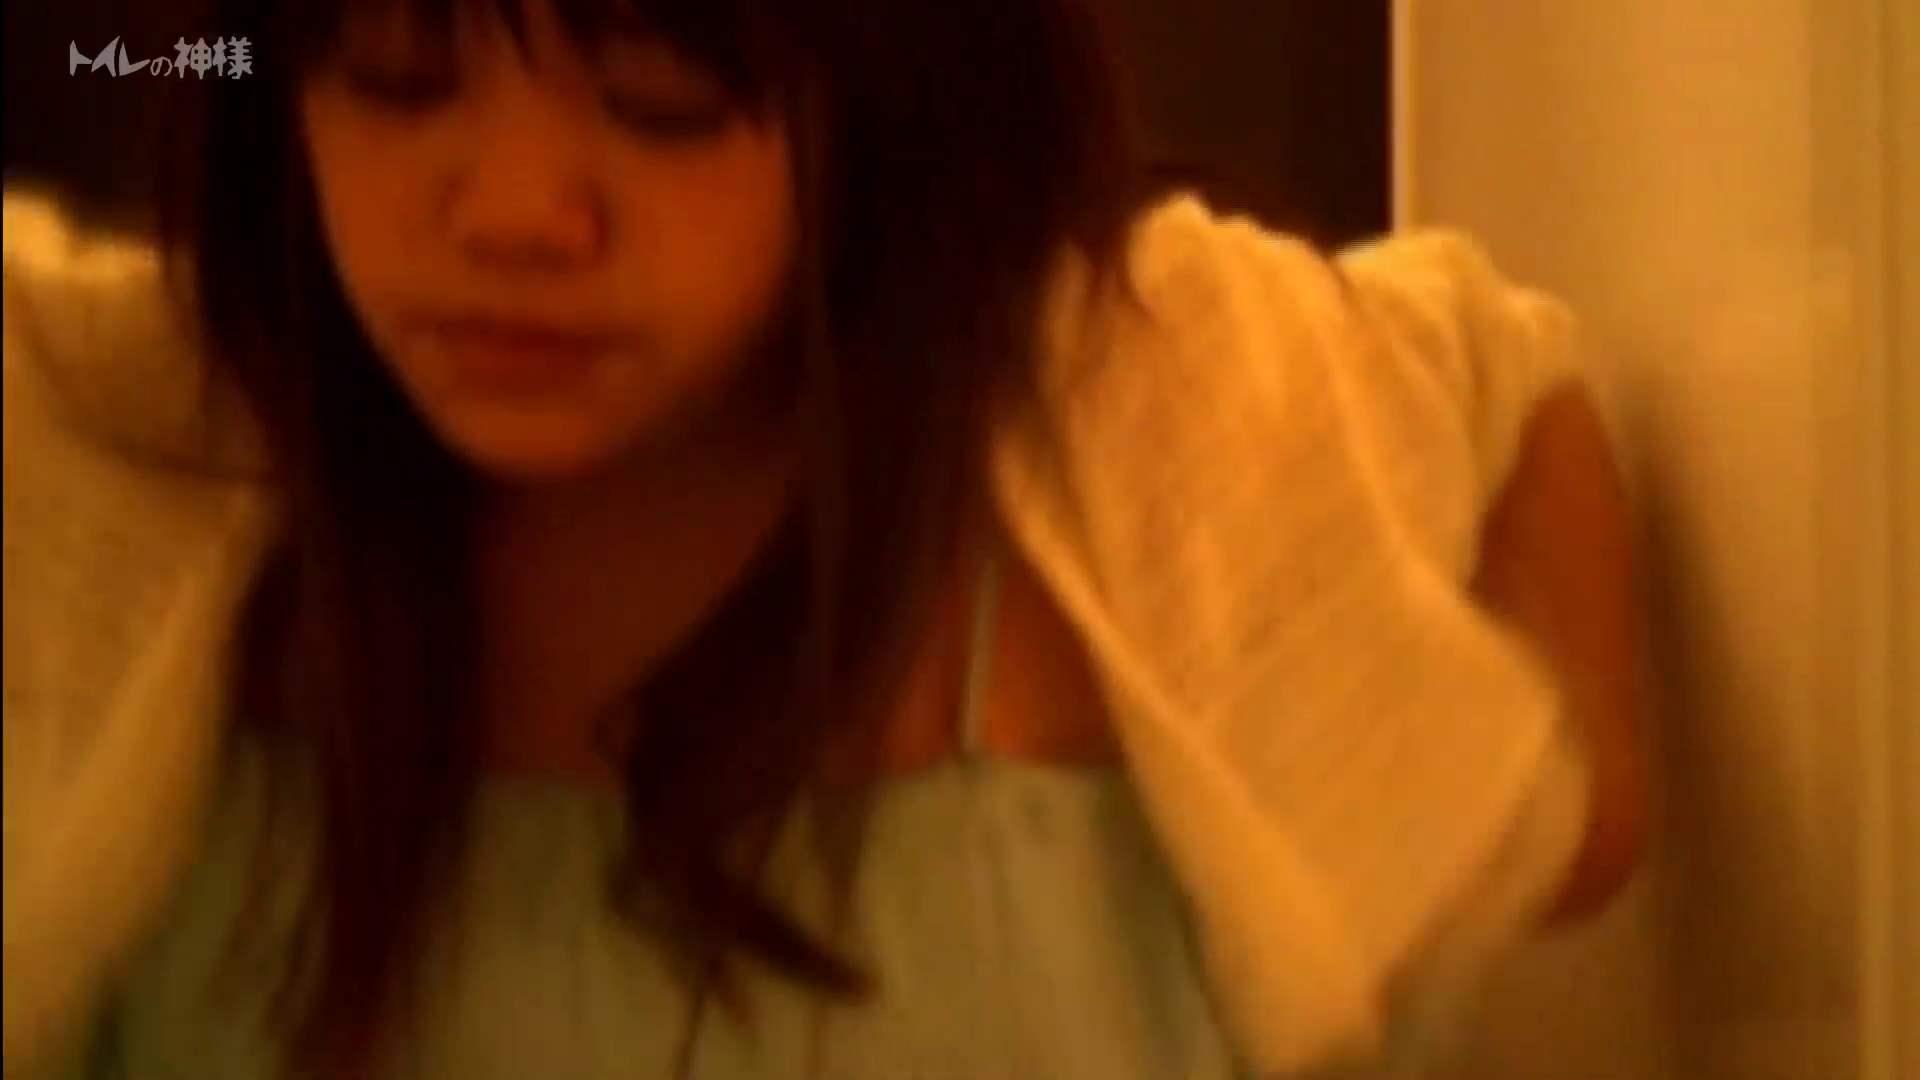 トイレの神様 Vol.03 彼女のうんち隠し撮り OLのボディ  81PIX 64